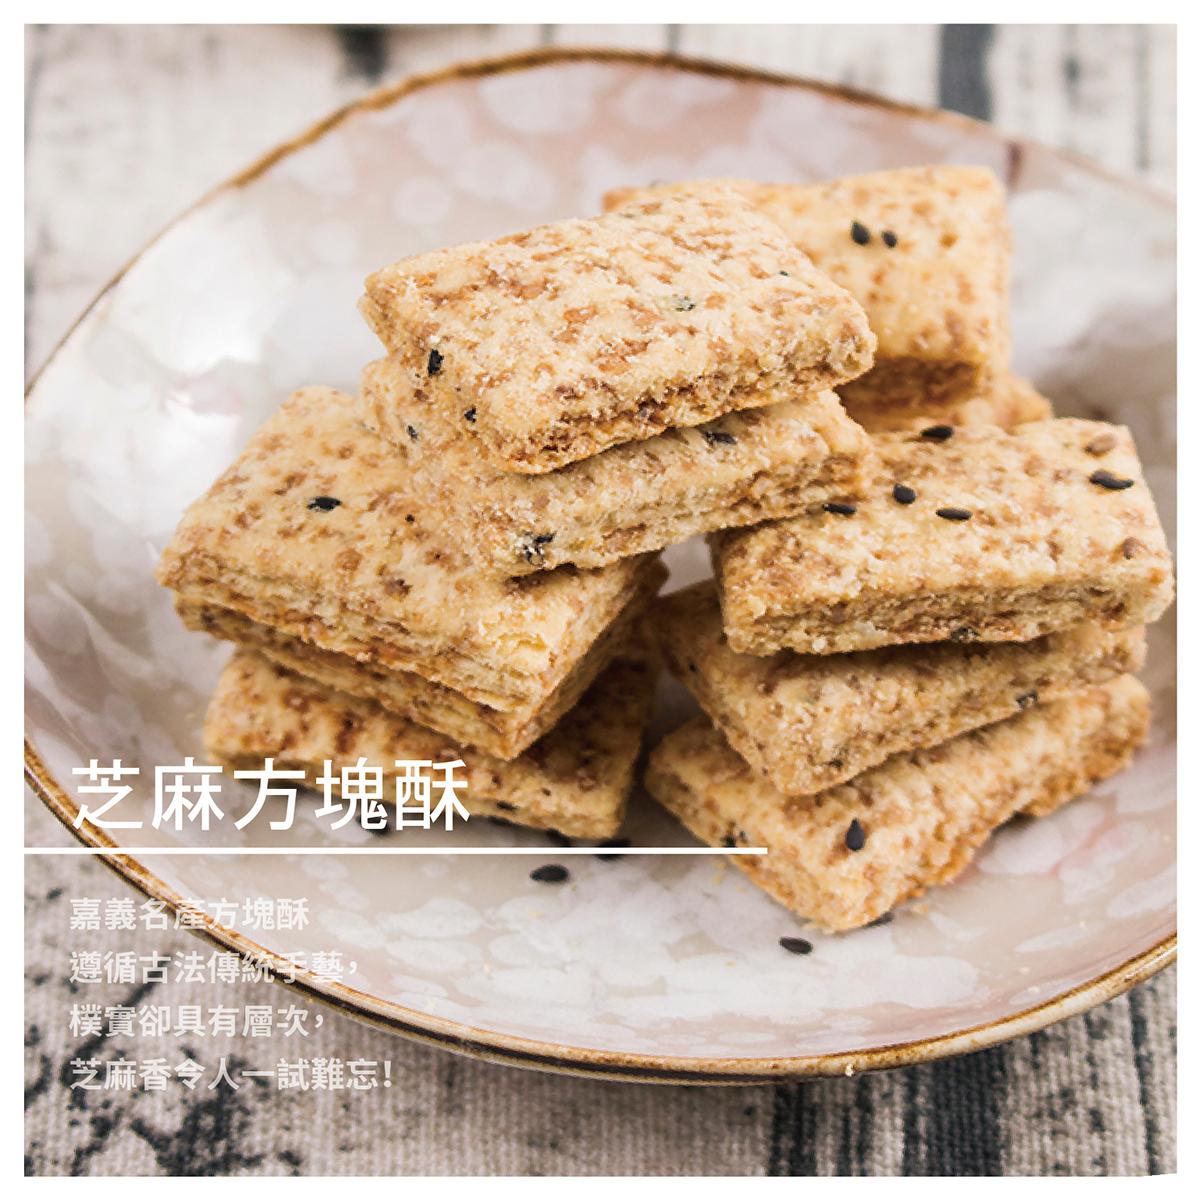 【弘家馨食品】芝麻方塊酥(全素)250g/包